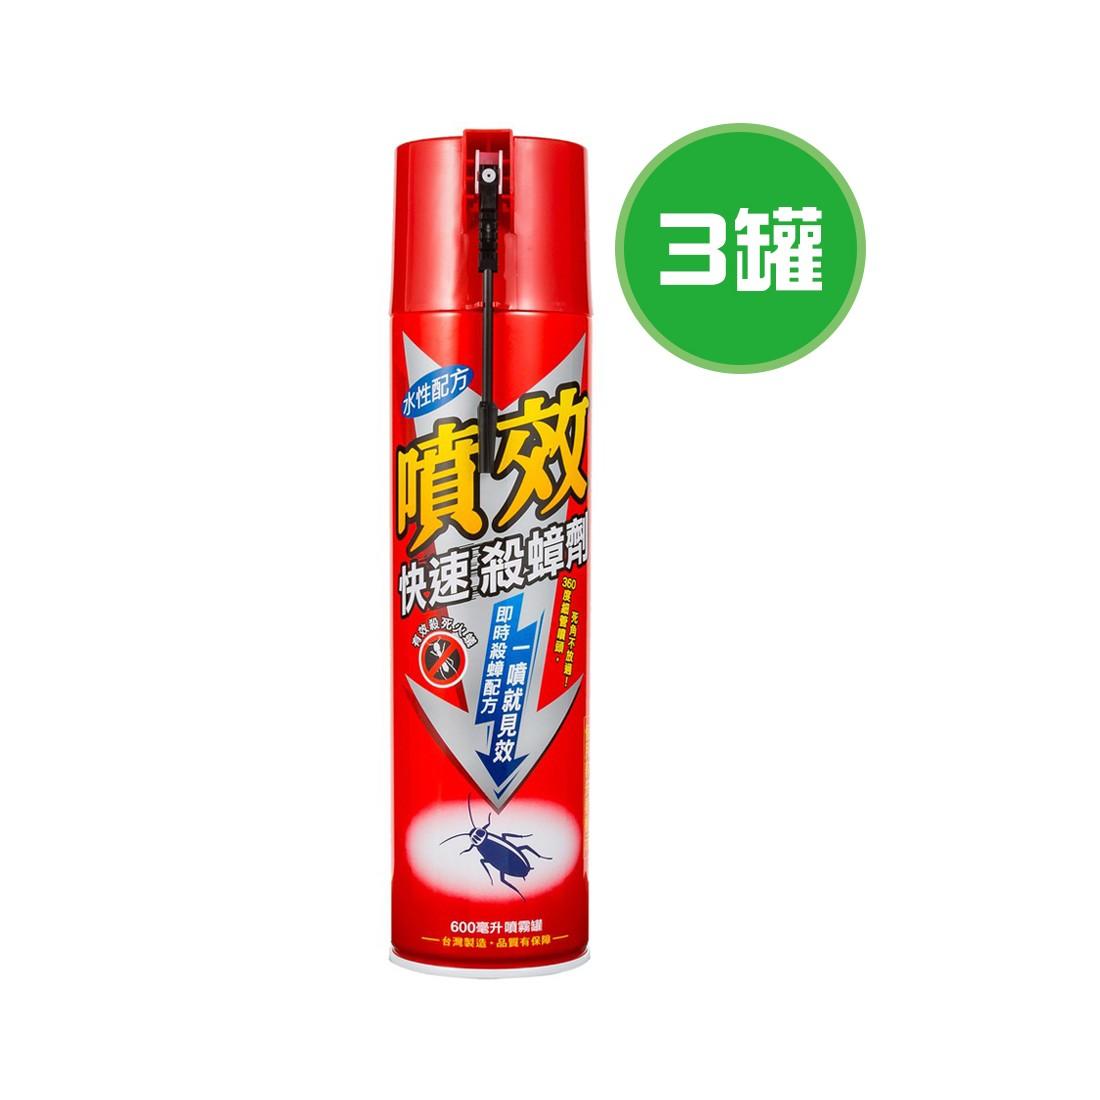 白博士 光觸媒濃縮洗衣粉 (1900g/包)